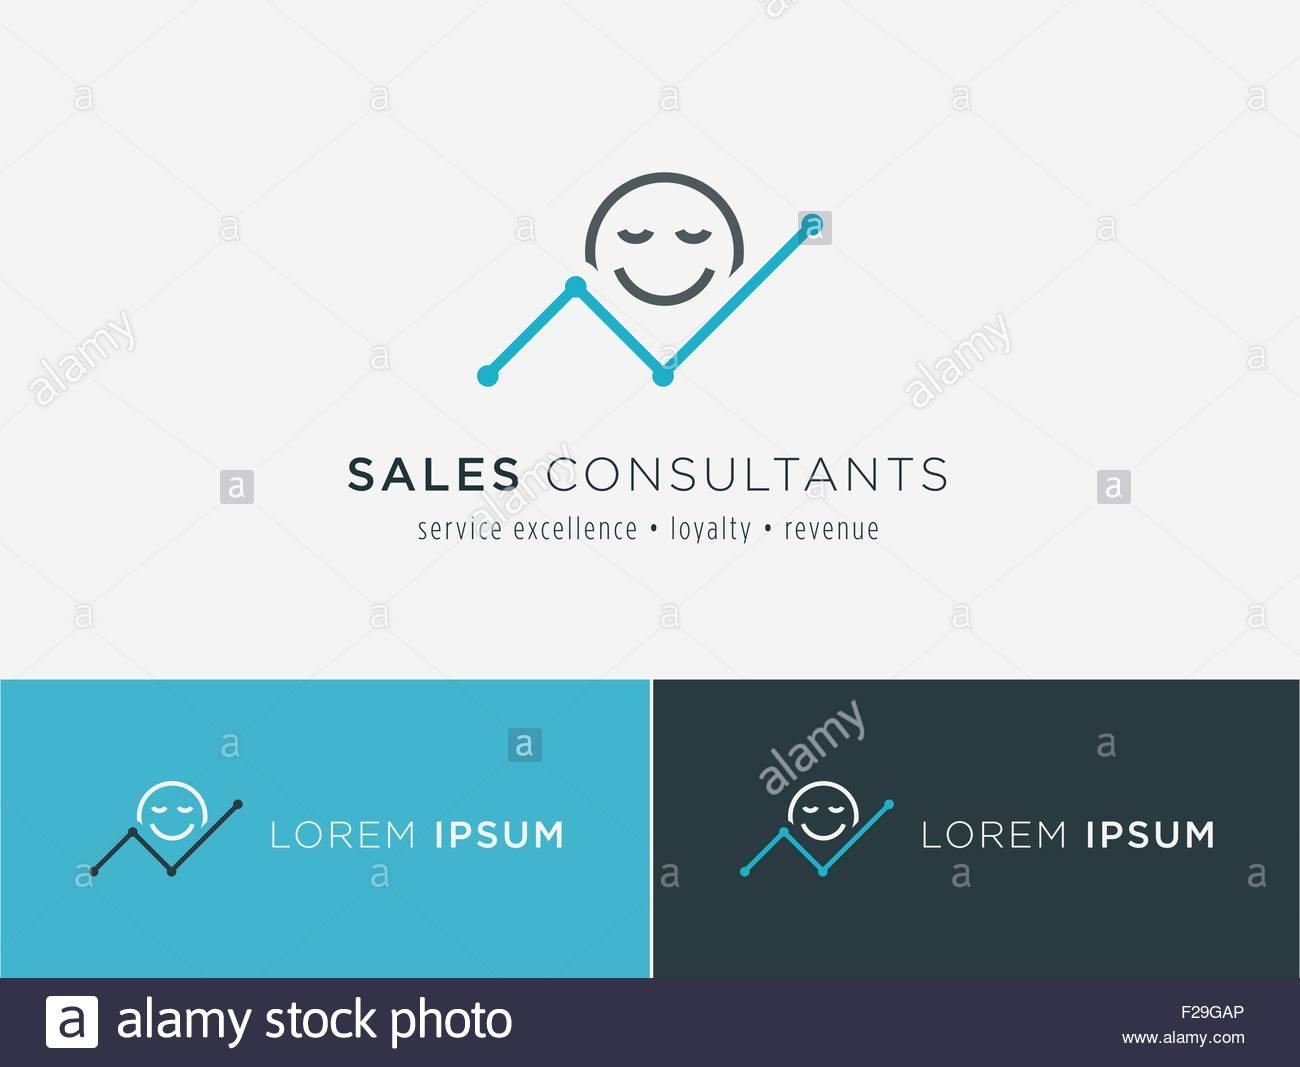 Verkaufsberater, Verkaufstrainer oder Mystery-Shopper-Firmen-Logo. Kundenzufriedenheit und wachsende Einnahmen Diagrammsymbol. Stockbild